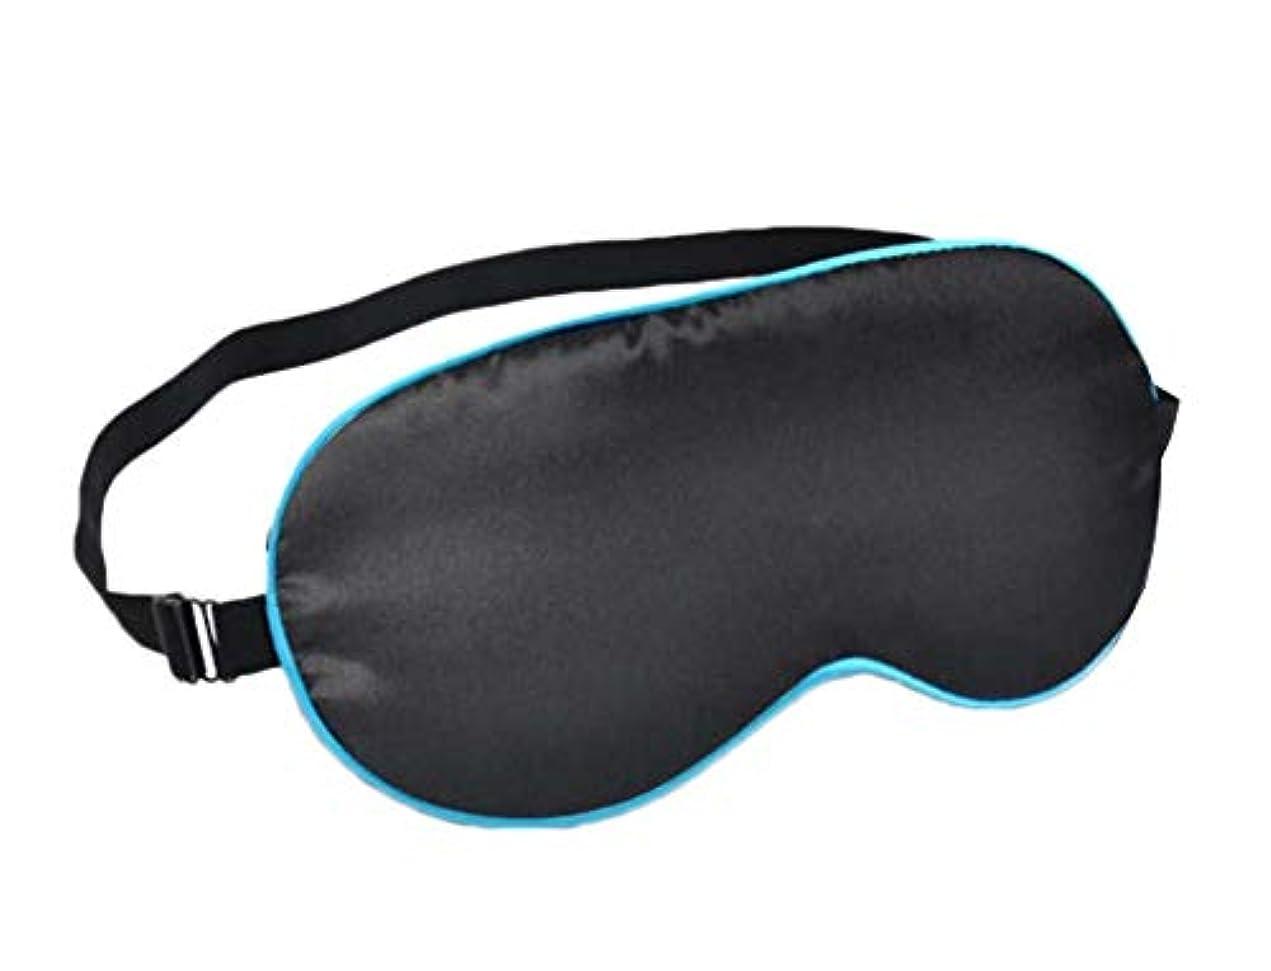 黙胸書誌子供たちシルク睡眠アイマスク睡眠のソフトアイマスク - 15